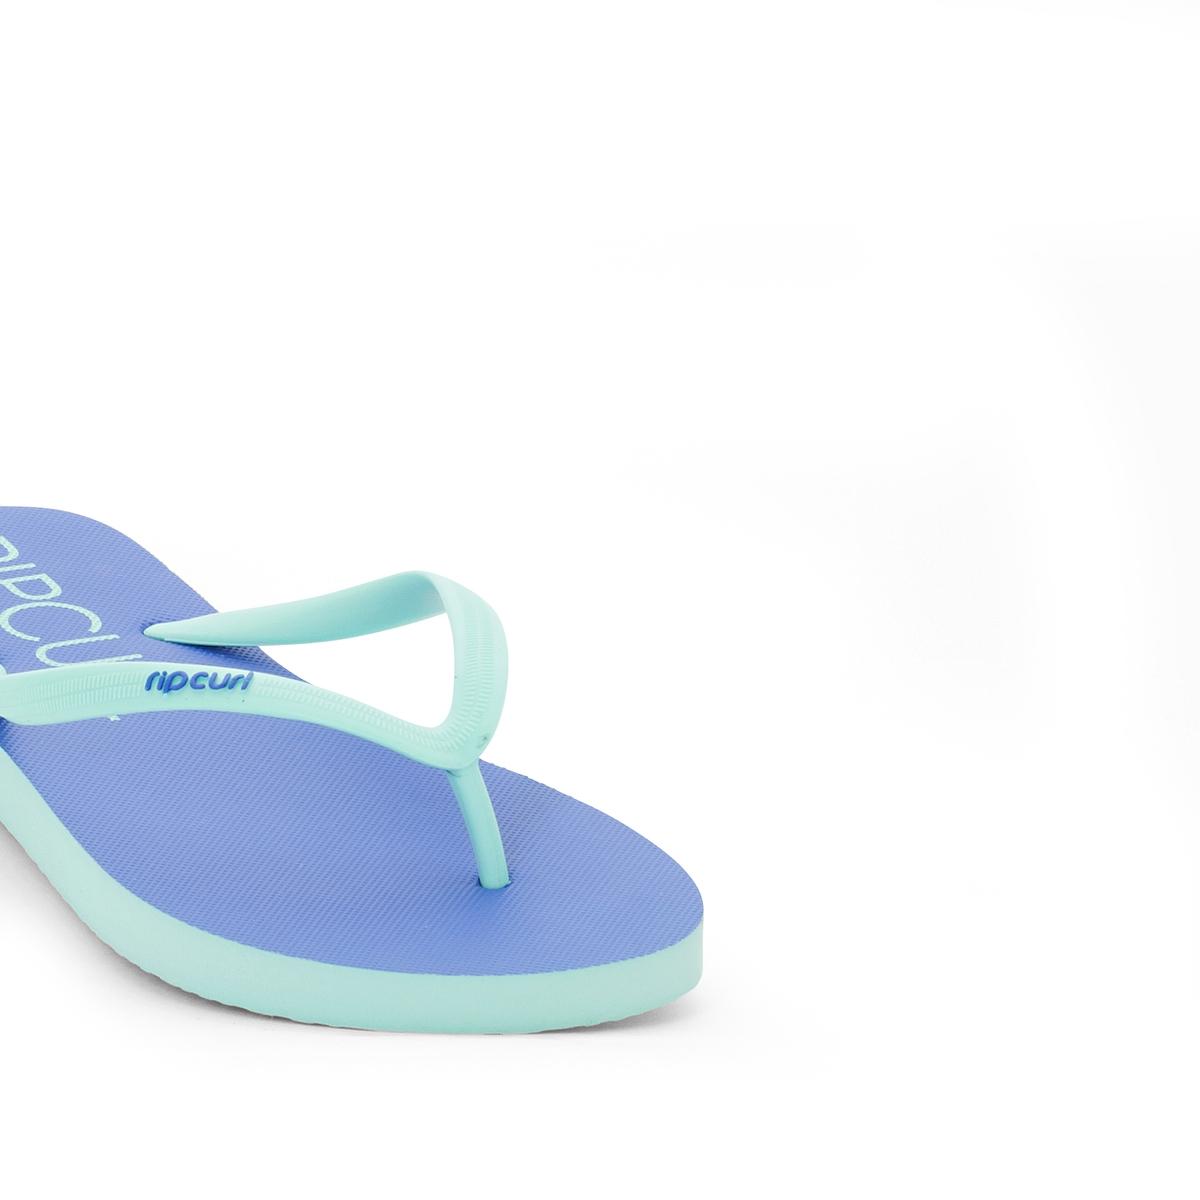 Вьетнамки BondiВерх/Голенище : каучук     Стелька : синтетика     Подошва : каучук     Форма каблука : плоский каблук     Мысок : открытый мысок     Застежка : без застежки<br><br>Цвет: синий